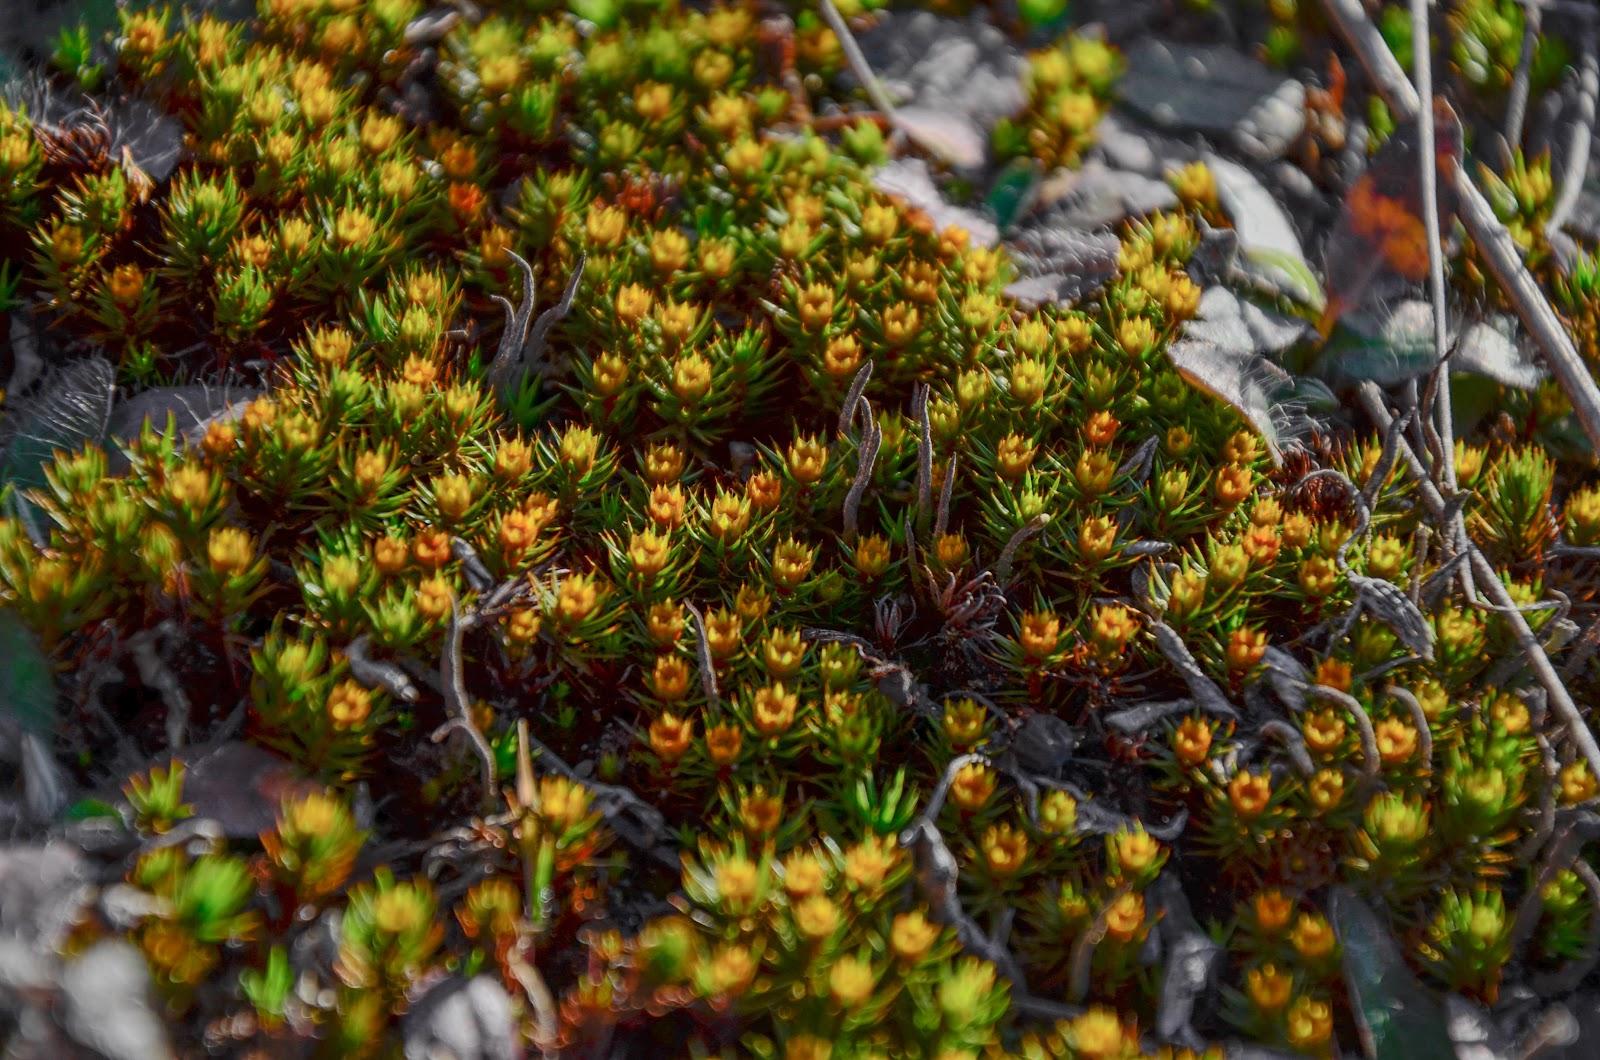 цветущий мох фото и название быть, задорной, веселой